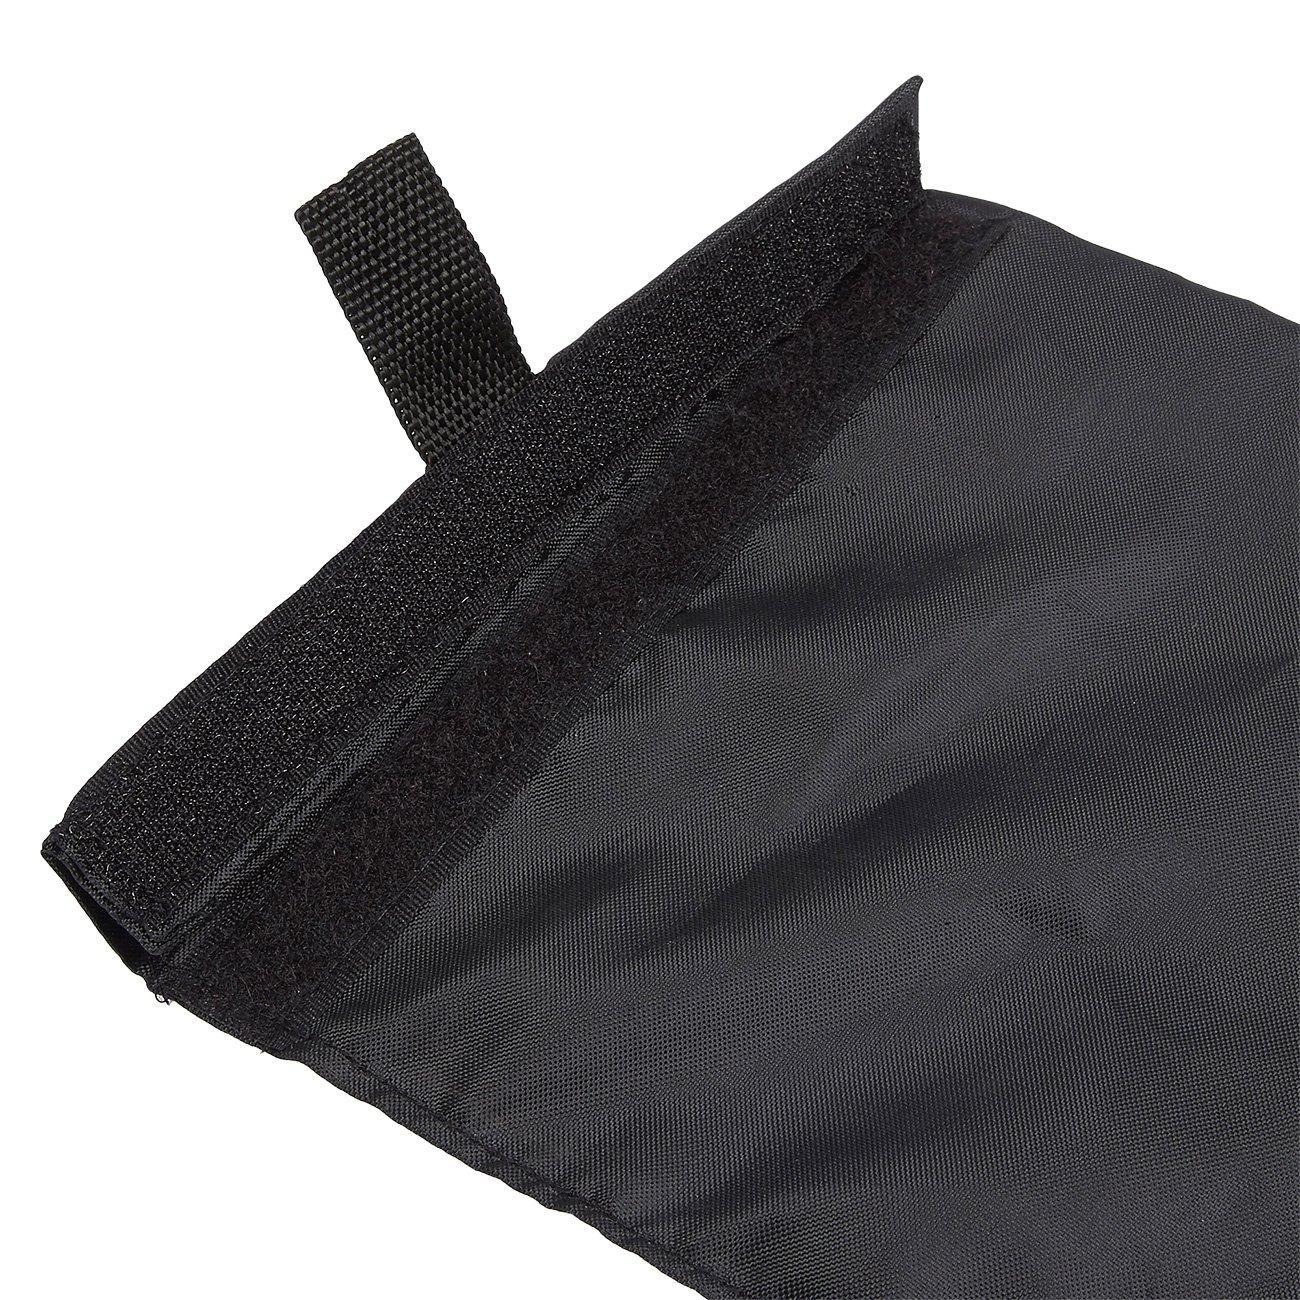 Noir 10,8/cm de diam/ètre x 39,4/cm de Hau /Le Sac Poubelle pour Voiture avec Sangle r/églable/ /Pliable Trash Container pour Autos Lot de 4/Sacs de Poubelle de lautomobile/ /85/